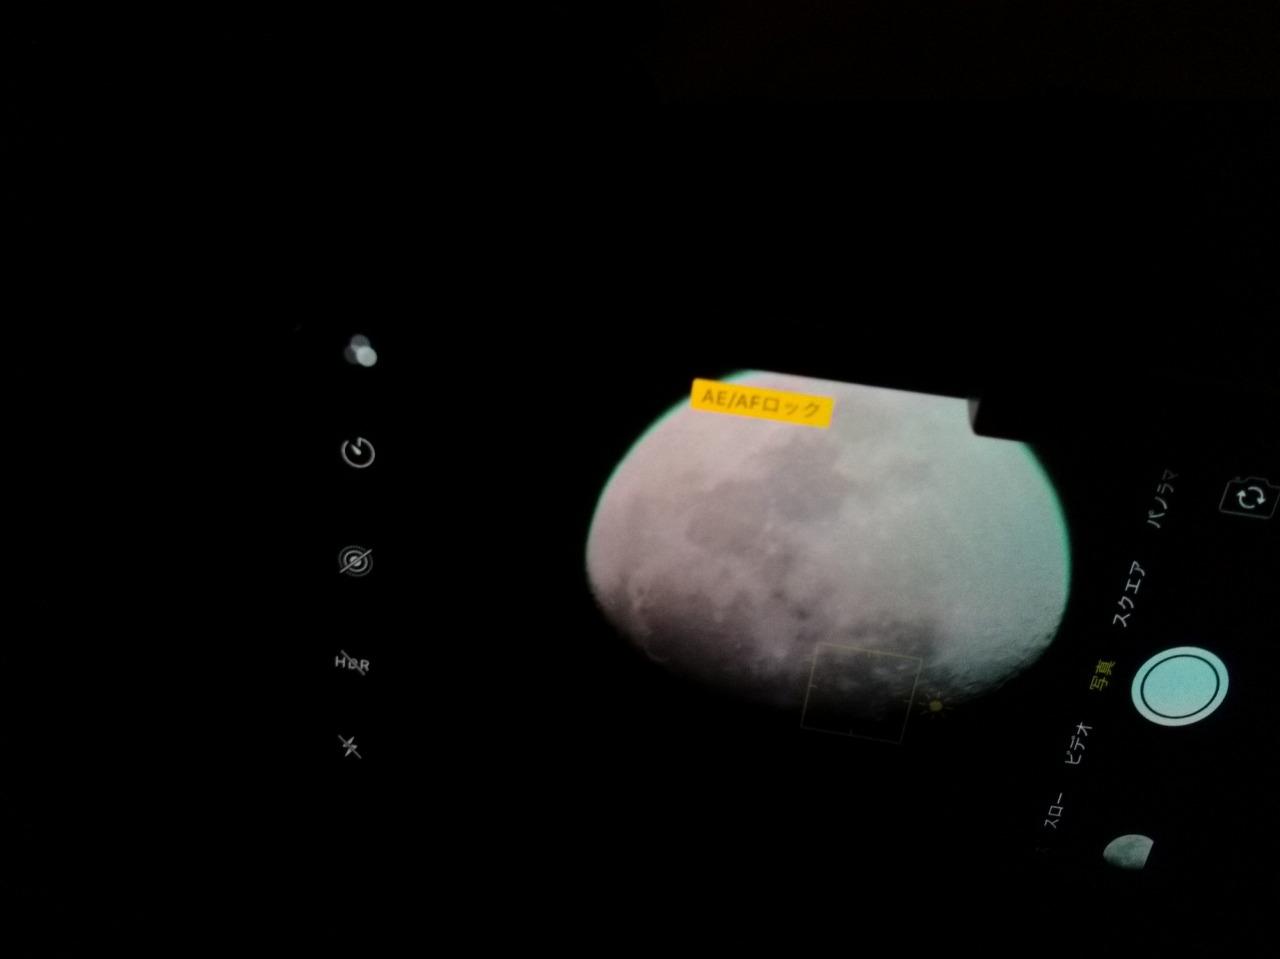 セレストロンのトラベルスコープとスマートフォンで月の撮影